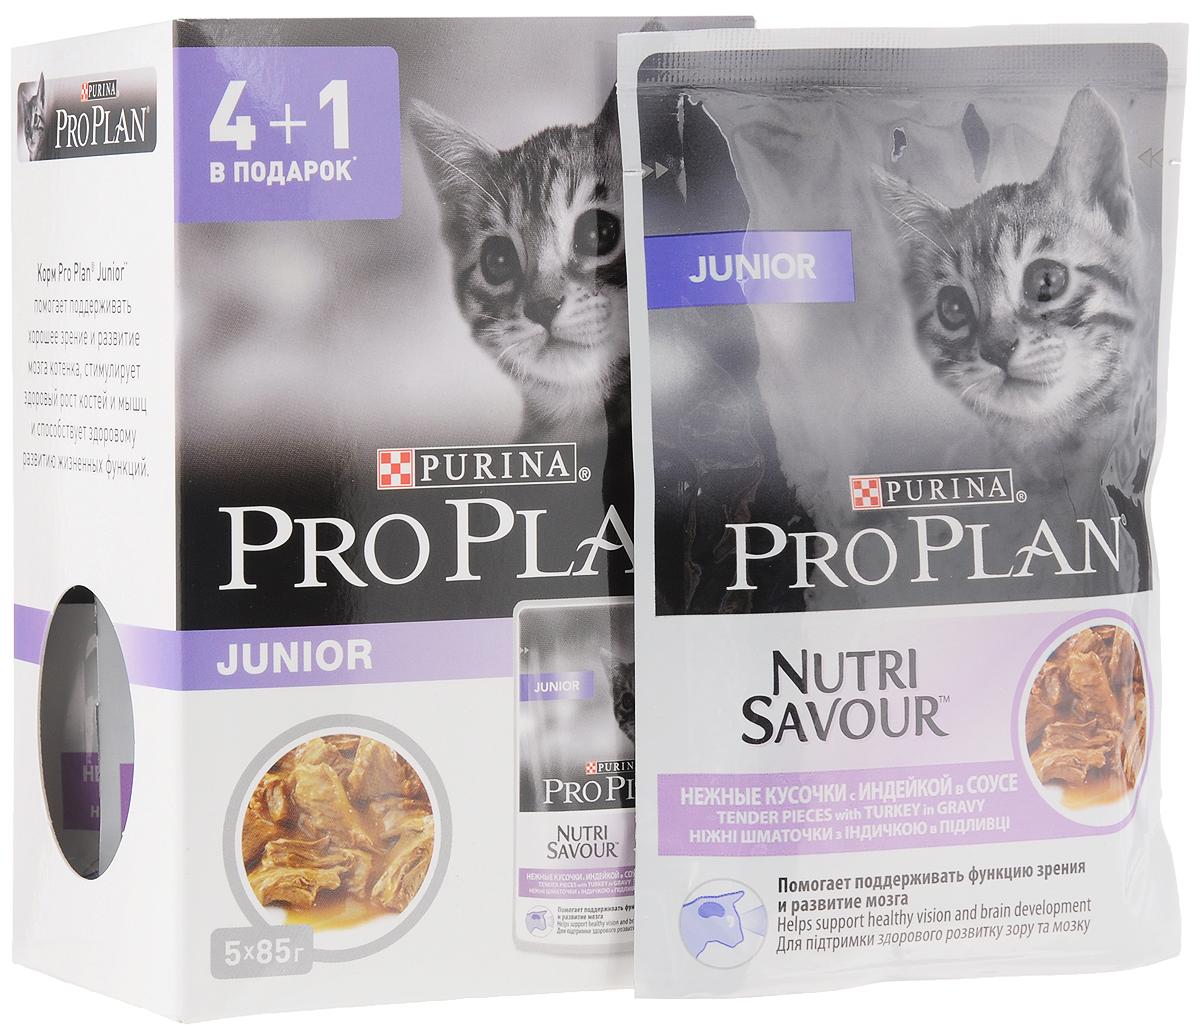 Консервы Pro Plan Junior, для котят с чувствительным пищеварением, индейка в соусе, 425 г12311493Консервы Pro Plan Junior содержат особую, разработанную с участием ученых, комбинацию ингредиентов для поддержания здоровья котят в течение продолжительного времени. Pro Plan Junior – корм с высоким содержанием белка, сочетающий все необходимые питательные вещества, включая витамины С и Д3, а также омега-3 жирную кислоту. Легко усвояемый корм для котят с чувствительным пищеварением. Товар сертифицирован.